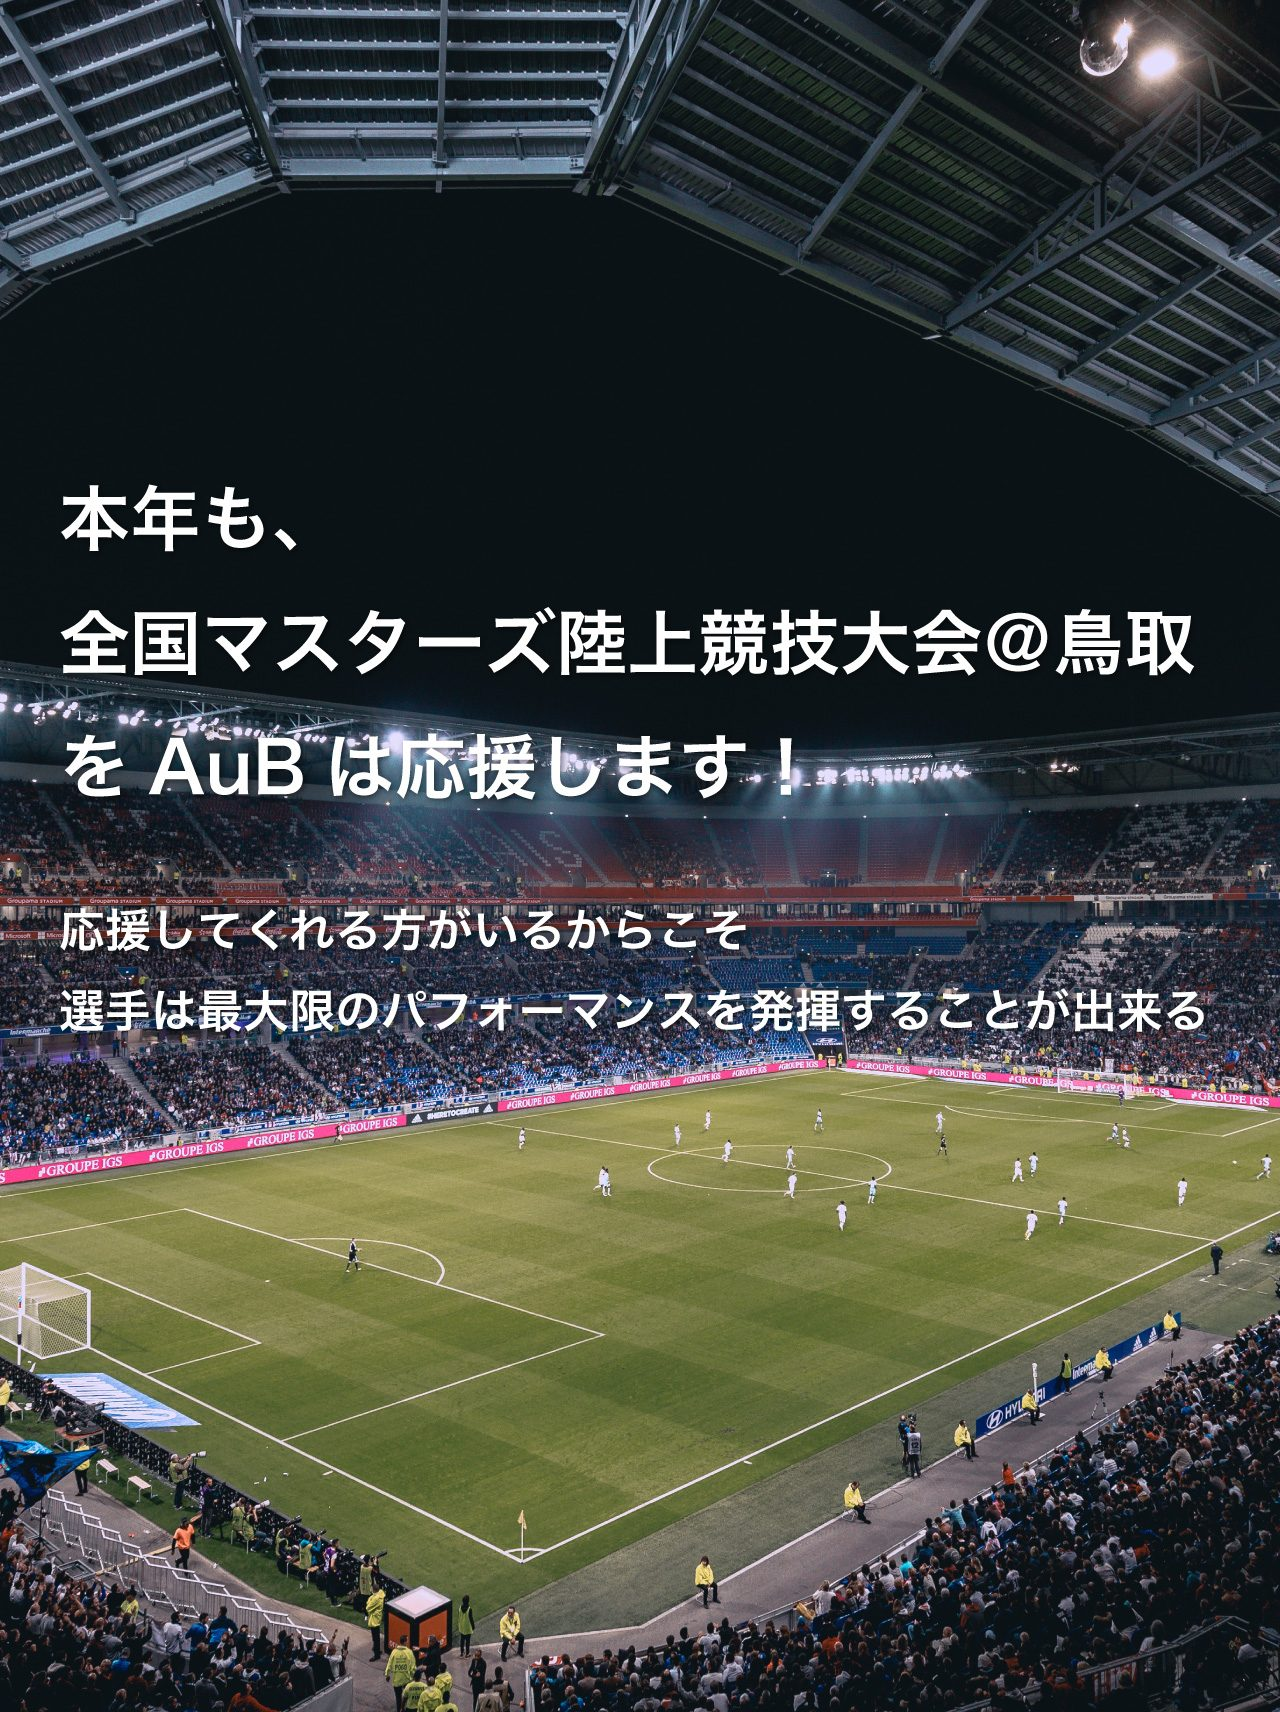 本年も、全国マスターズ陸上競技大会@鳥取をAuBは応援します!